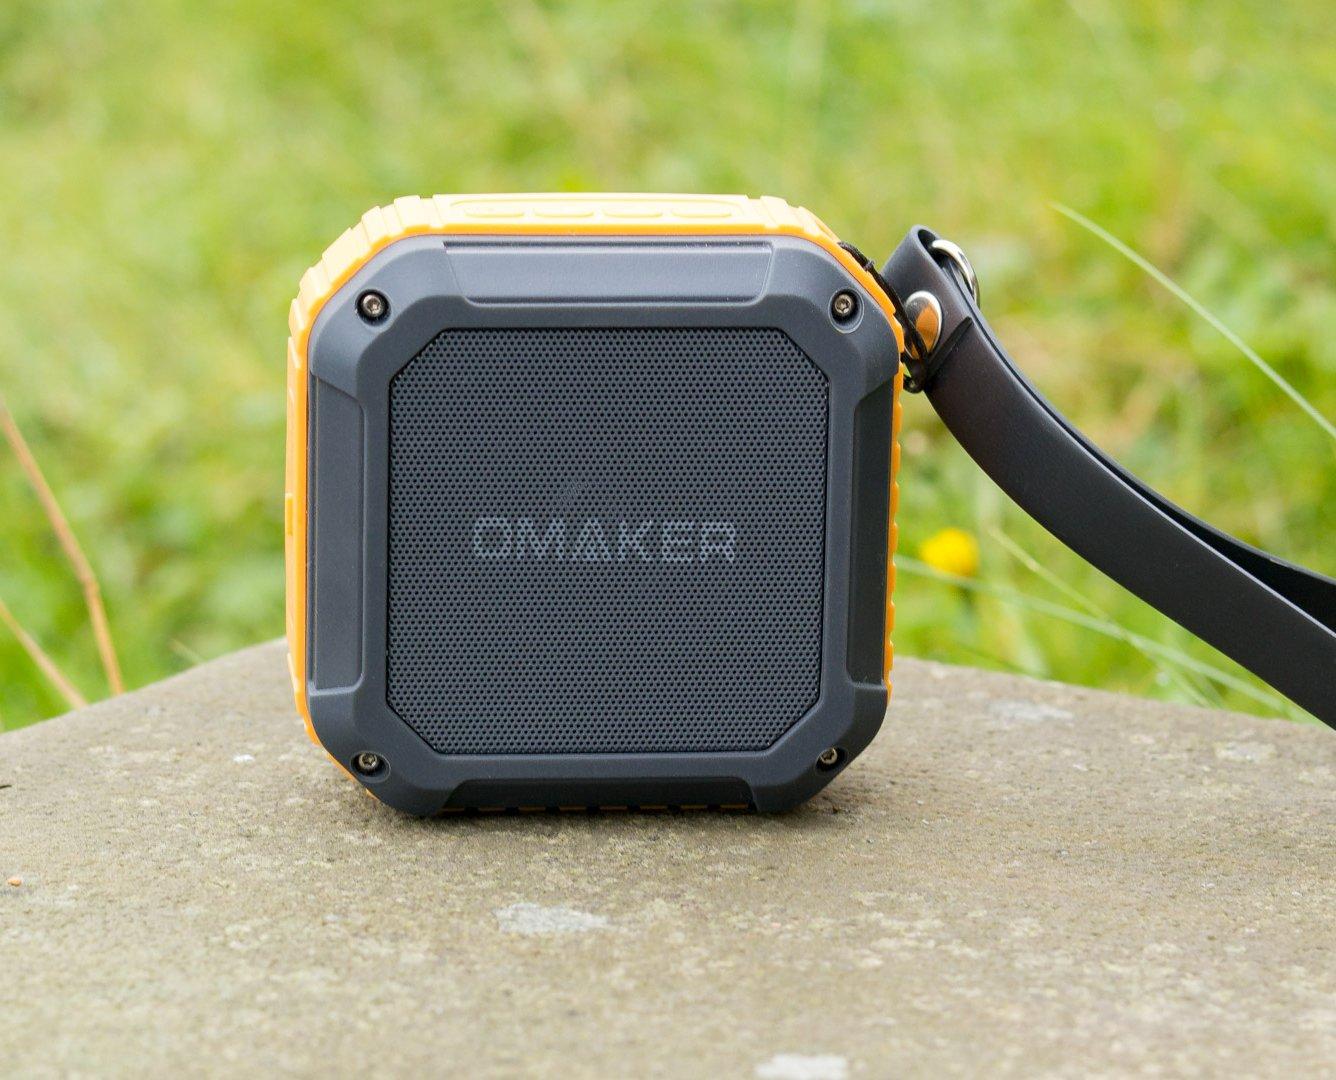 Omaker M4 – waterproof bluetooth speaker